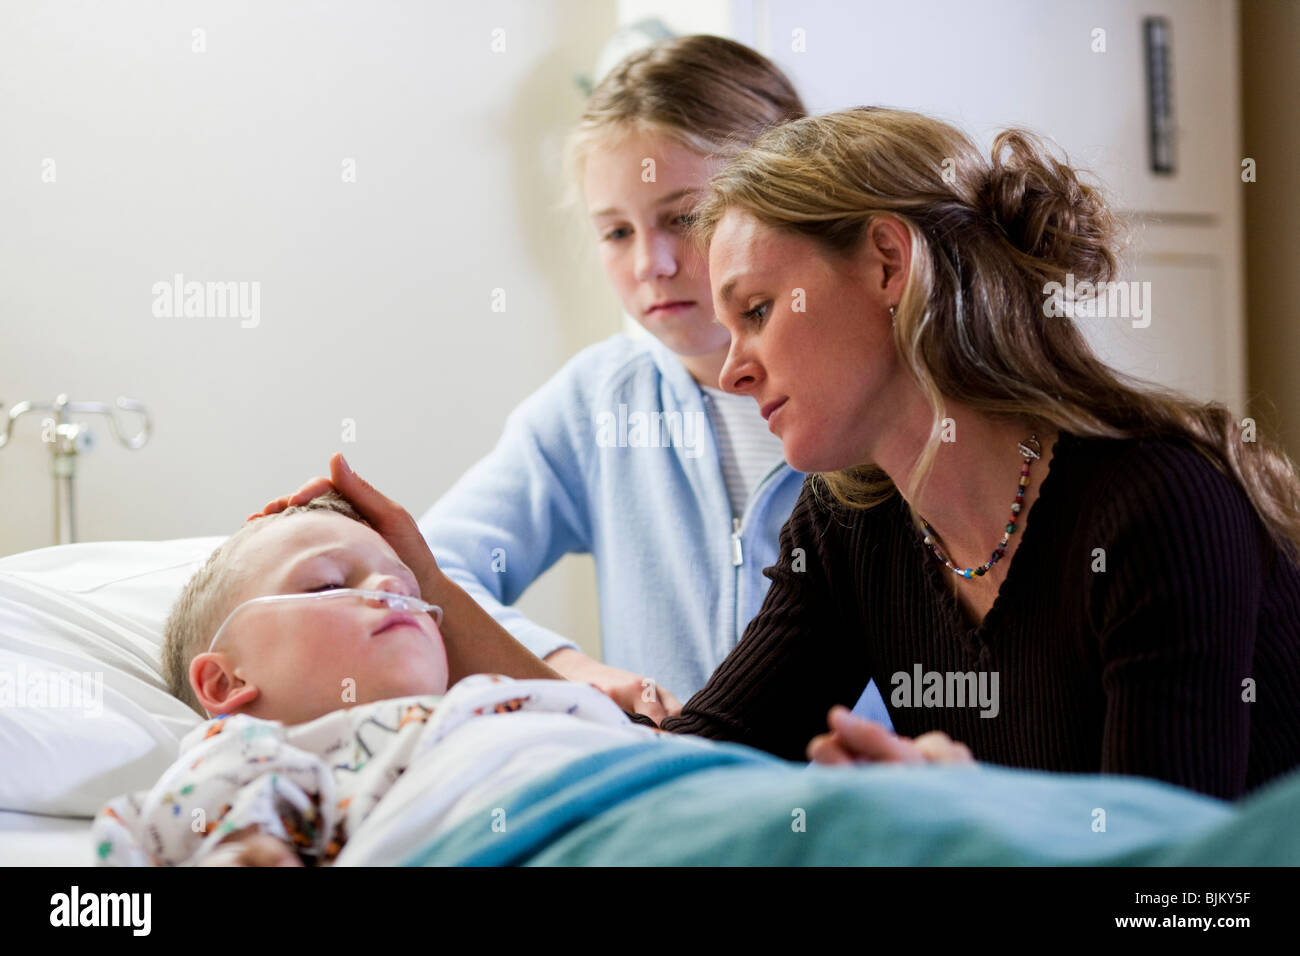 Mutter und Tochter sitzen junge Krankenhausbett Stockbild